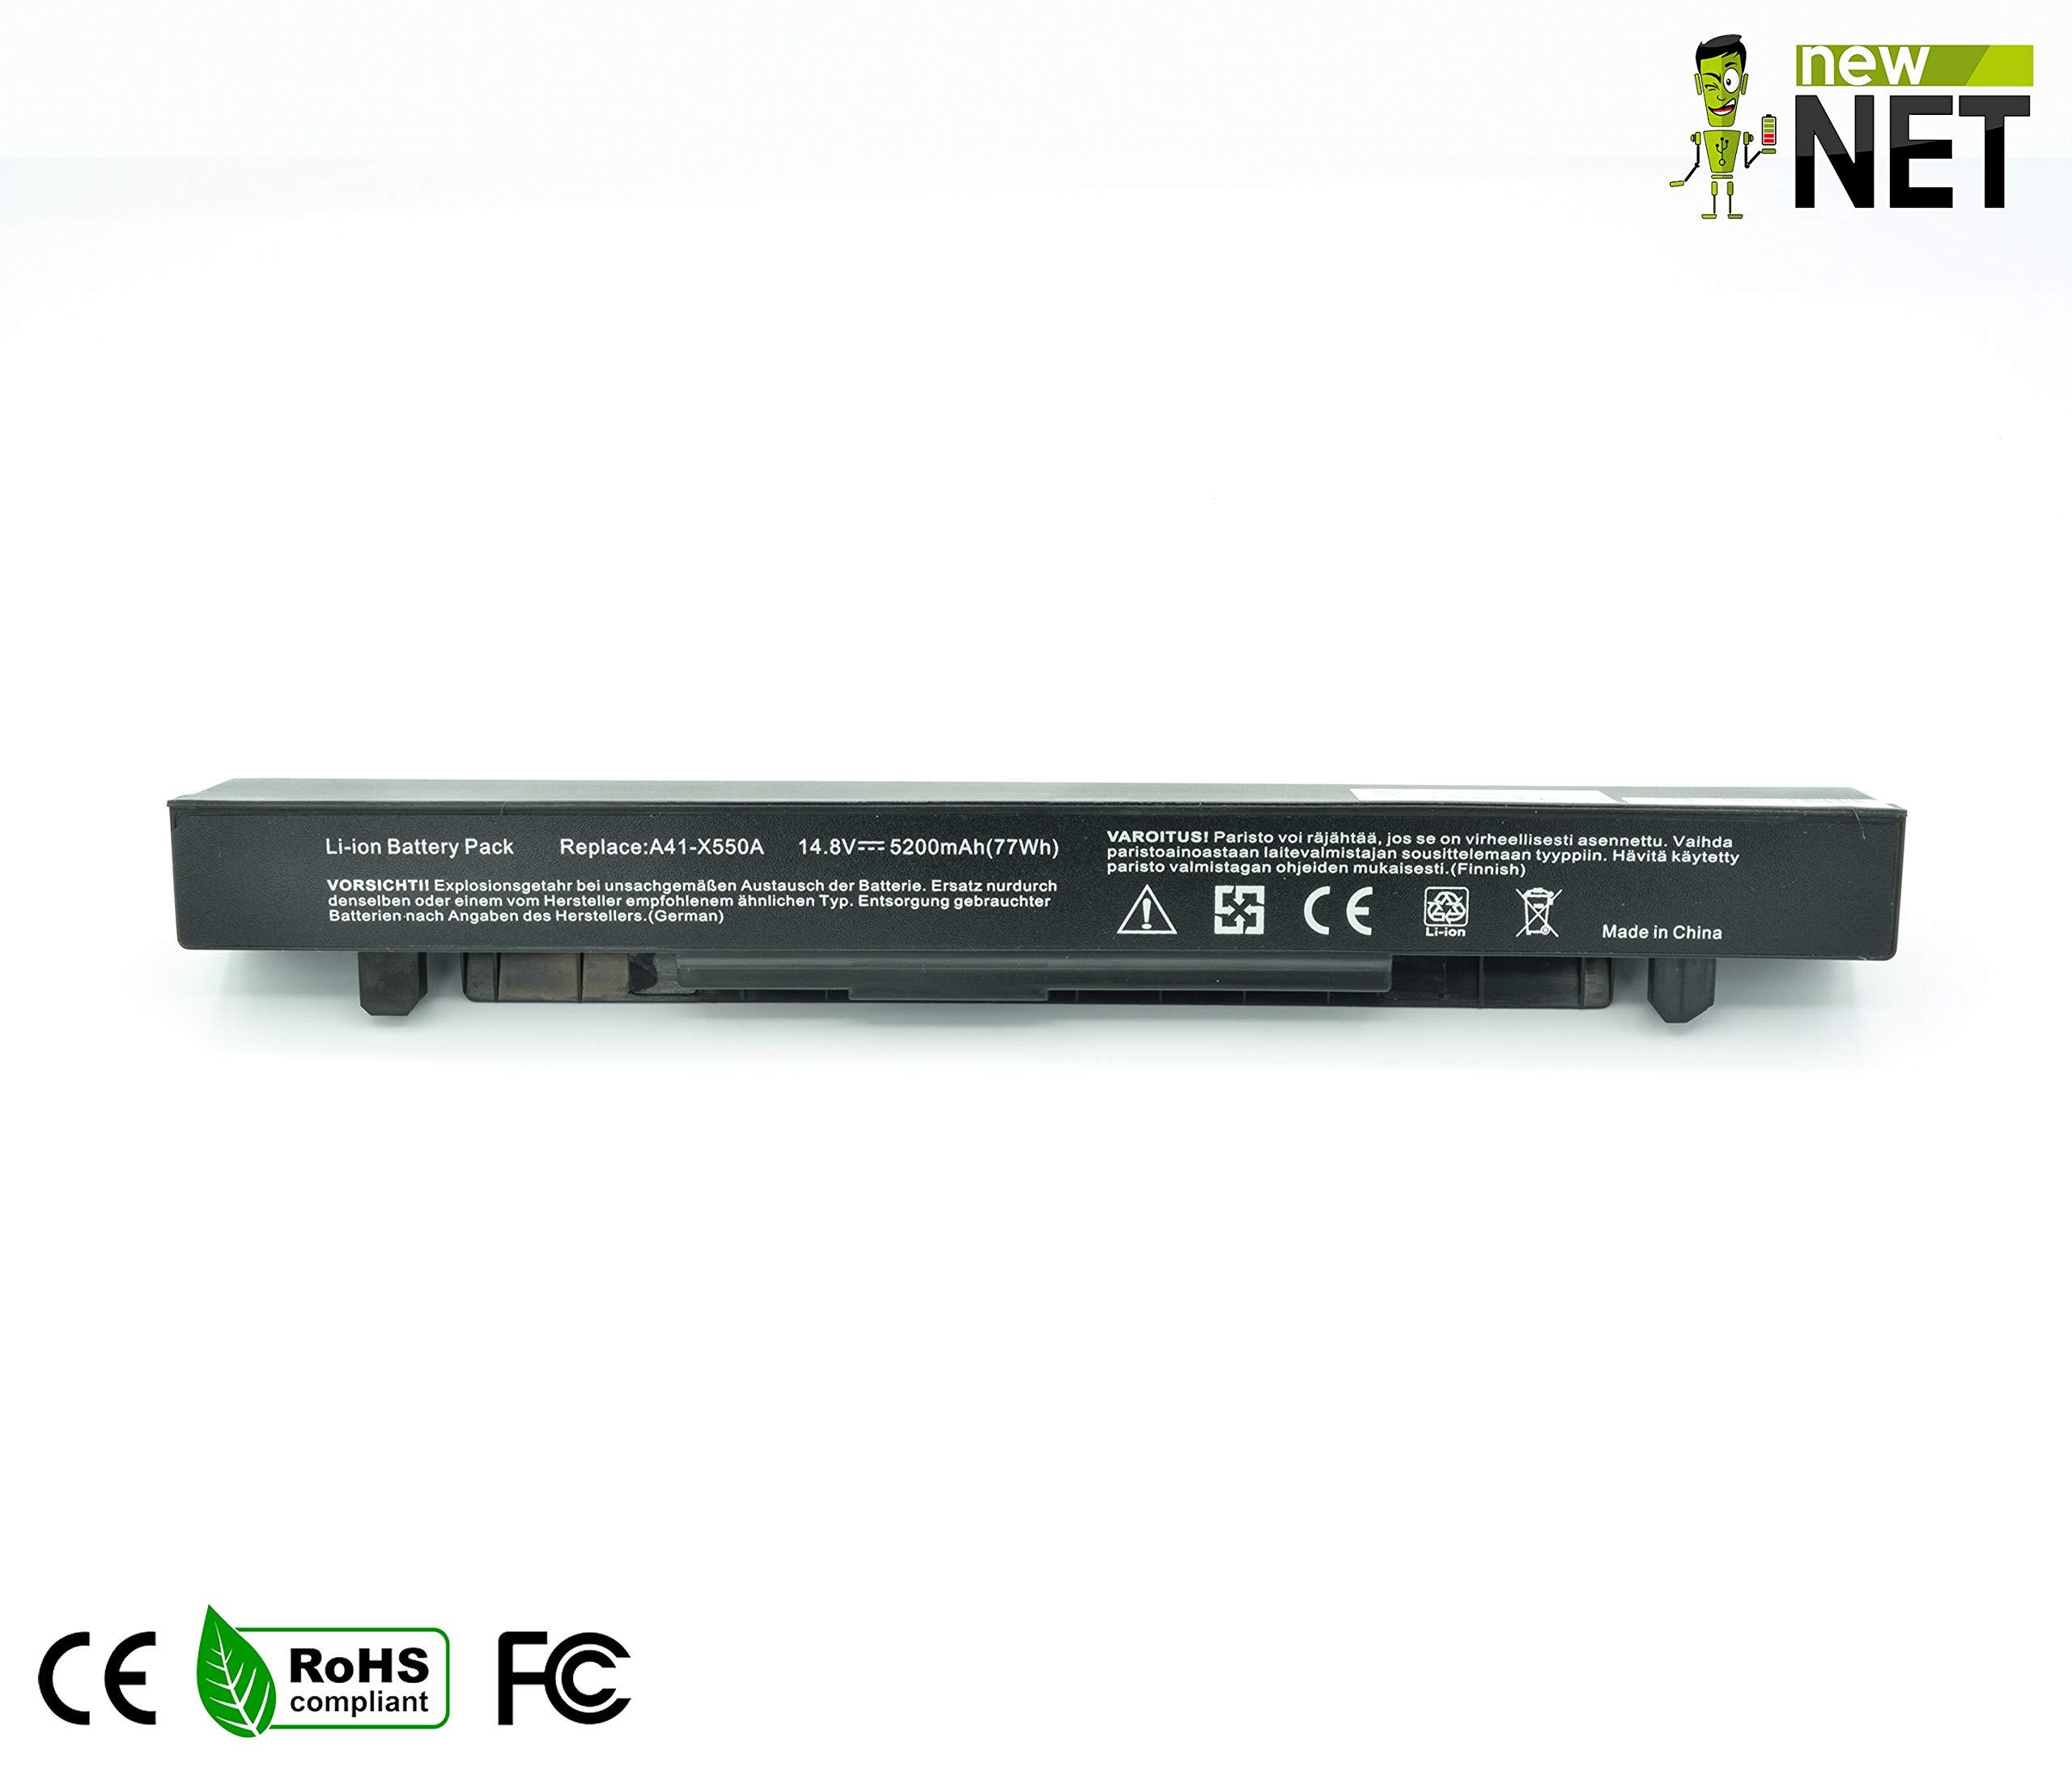 New Net - Batería de 5200 mAh Compatible con portátiles ASUS A41-X550 A41-X550A A41X550 A41 X550 A41X550A Pro550C X550A X55L82H F552MA450C Y581LB Y581LC Y582C: Amazon.es: Electrónica